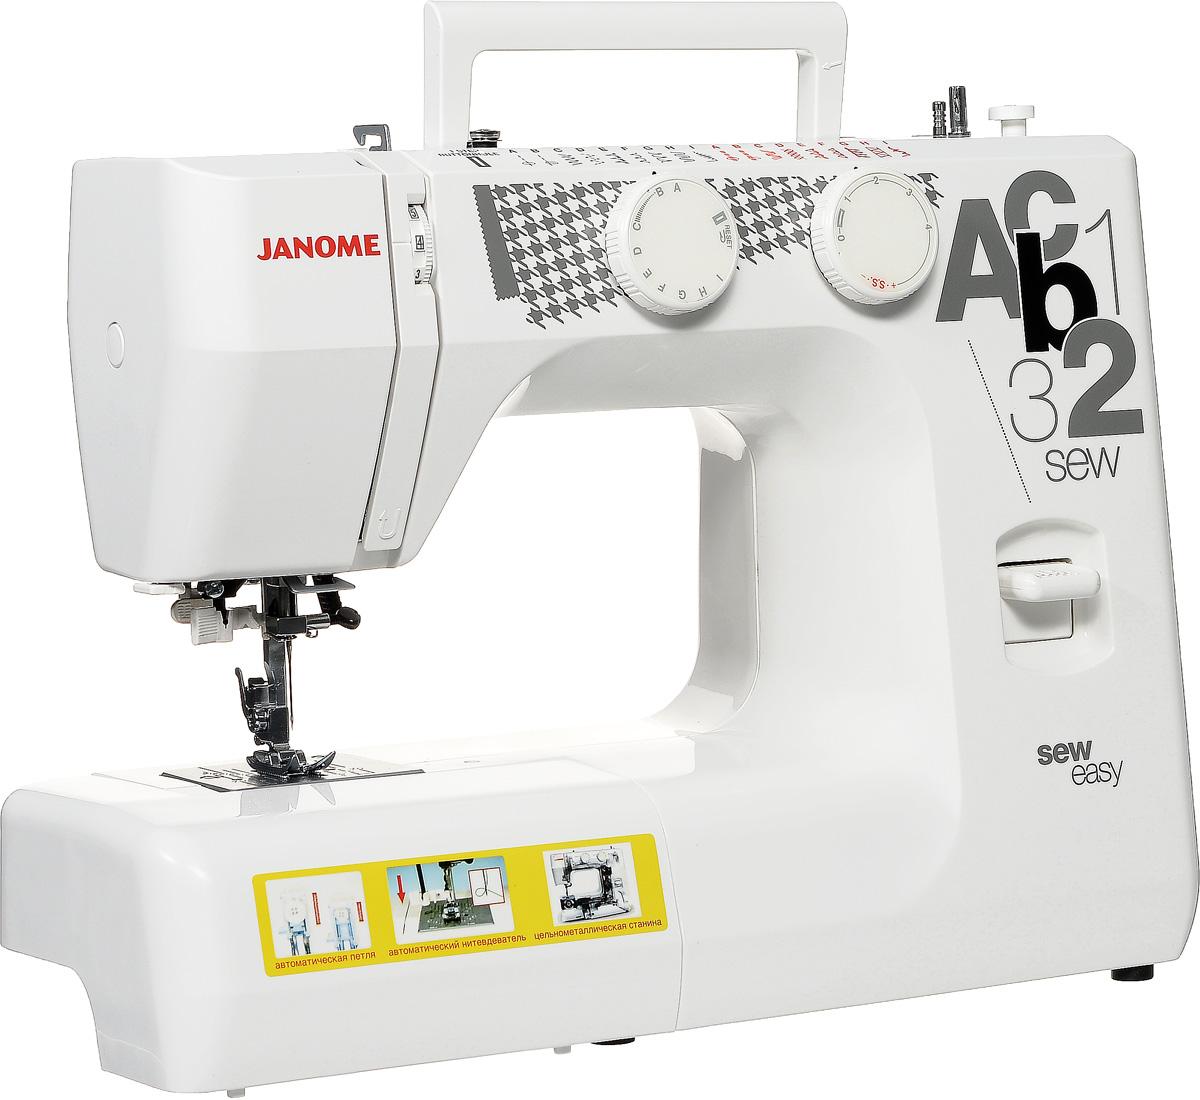 Janome Sew Easy швейная машина швейная машина janome sew easy